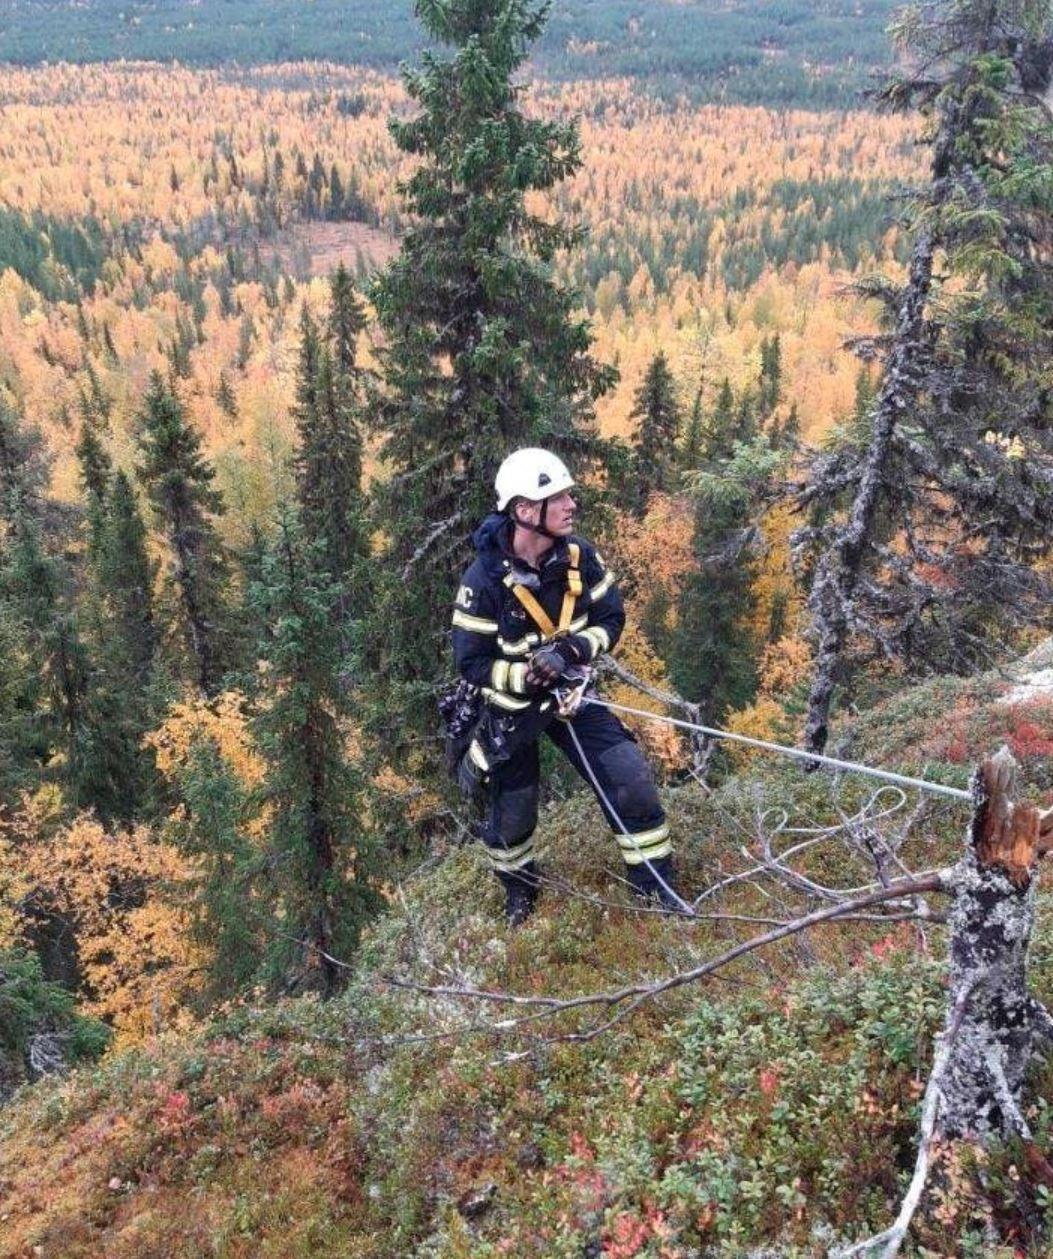 En klättrare räddade hunden, som fastnat på en klippavsats framför ett stup på cirka 25 meter.